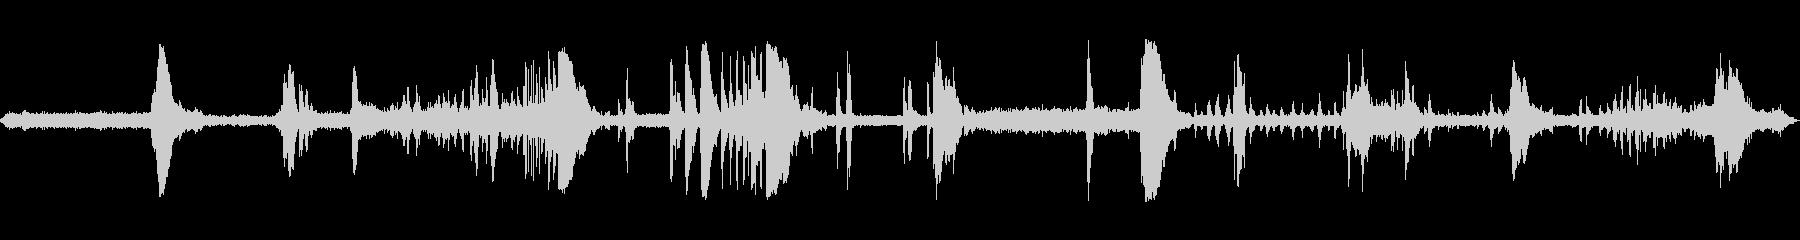 オフロードデザートレーサー:カーズ...の未再生の波形